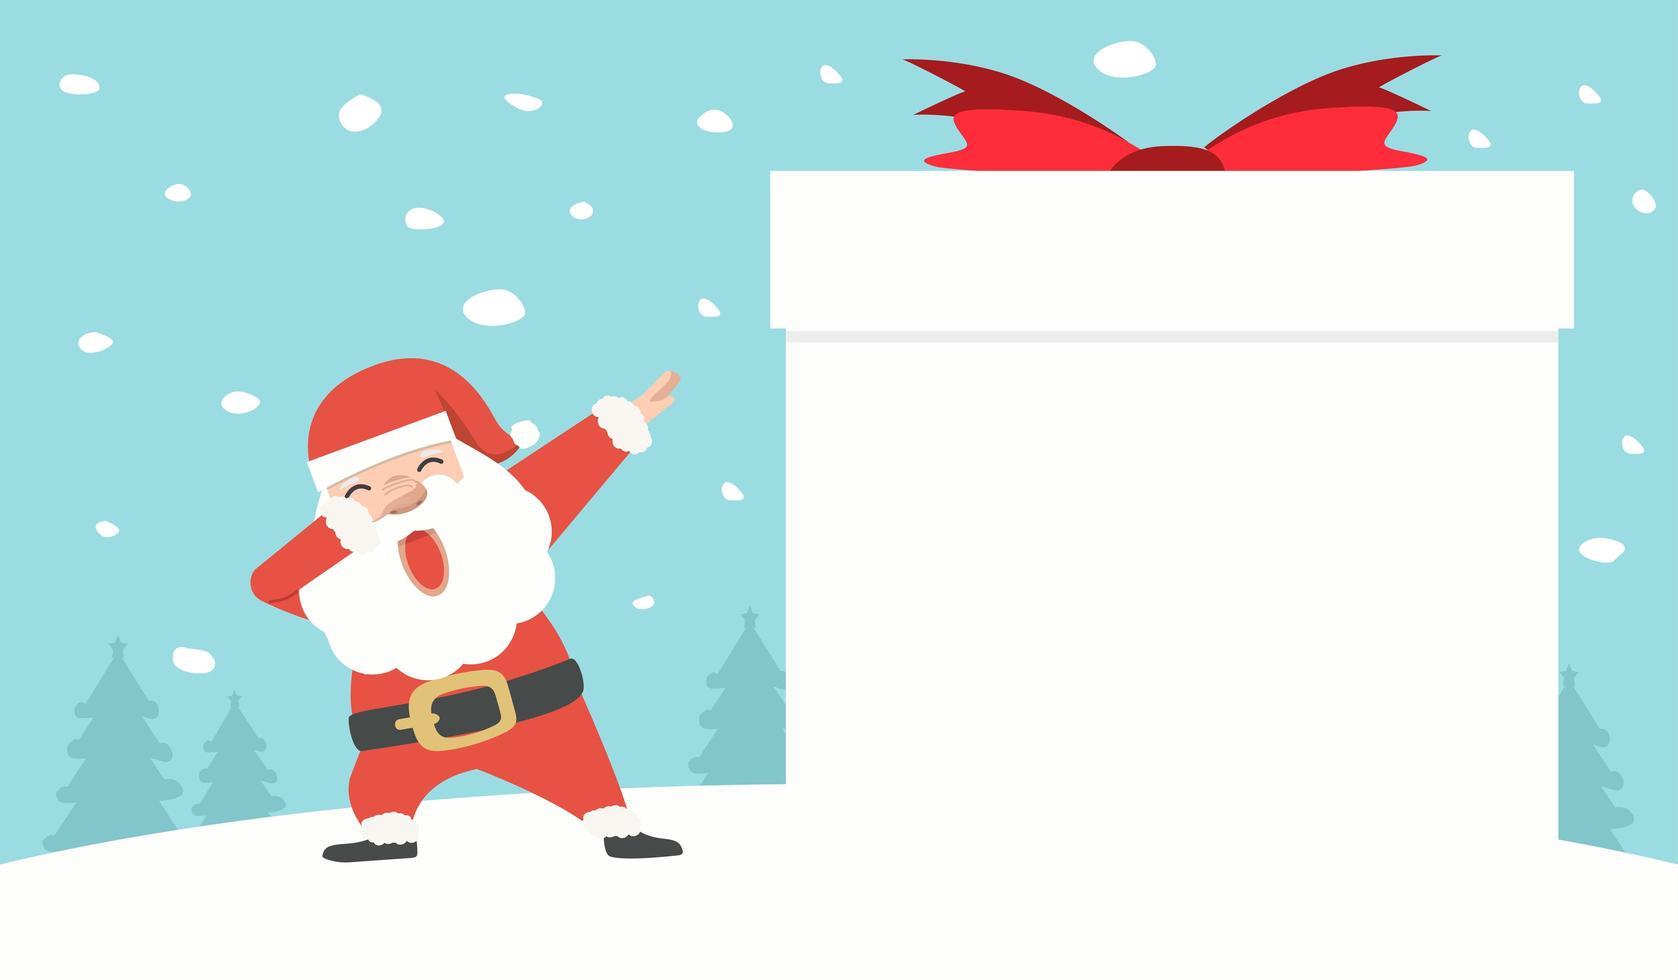 Papai Noel dançando com uma caixa de presente de sinal em branco vetor